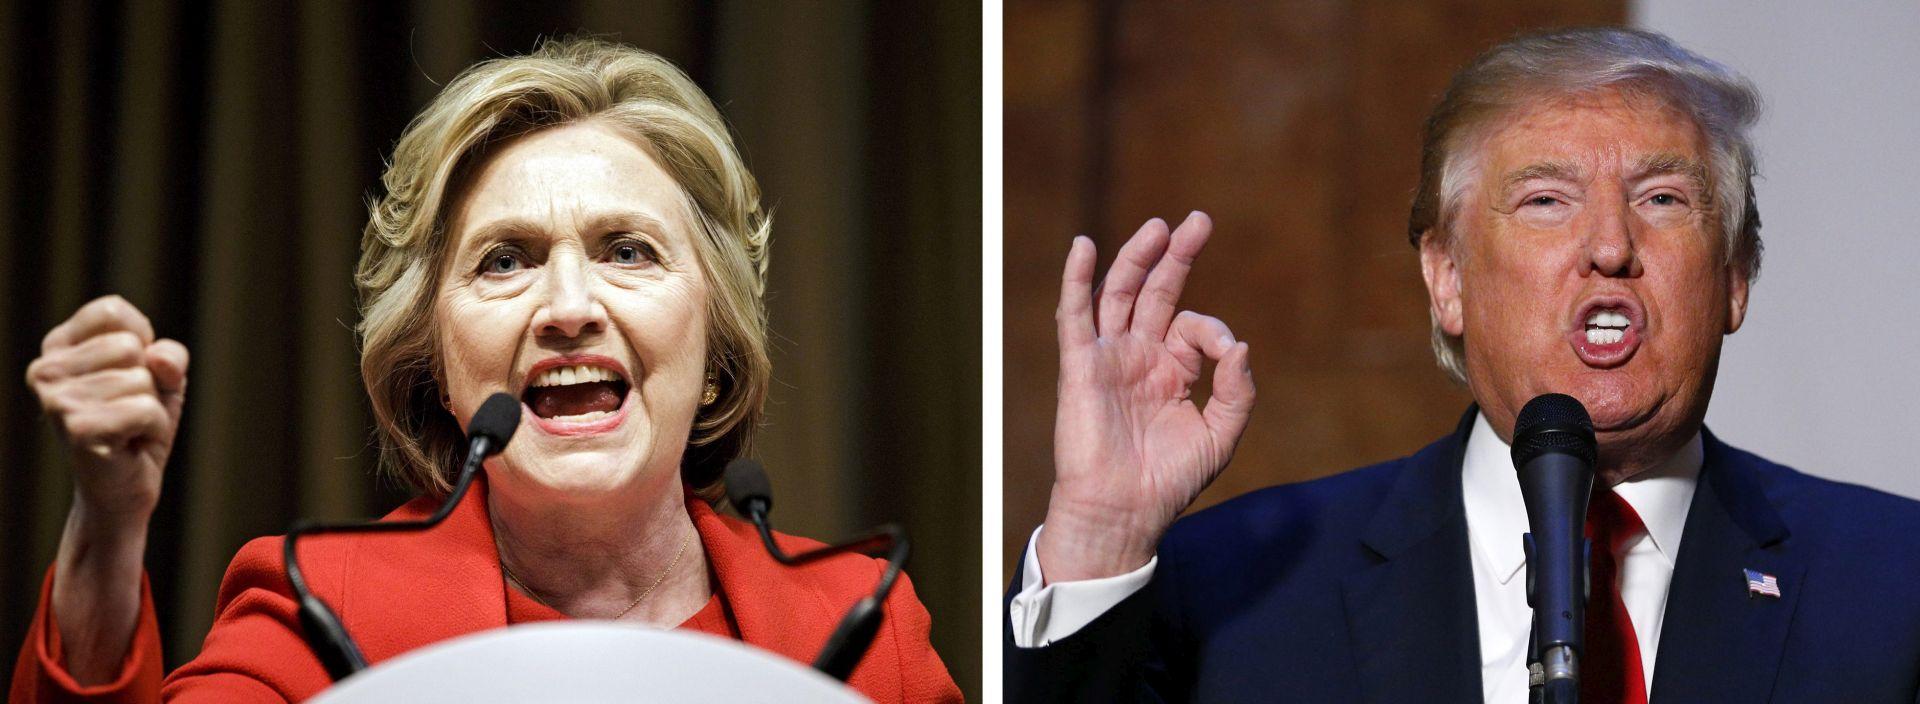 UTRKA ZA BIJELU KUĆU: Trump i Clinton nadaju se konačnom obračunu sa suparnicima